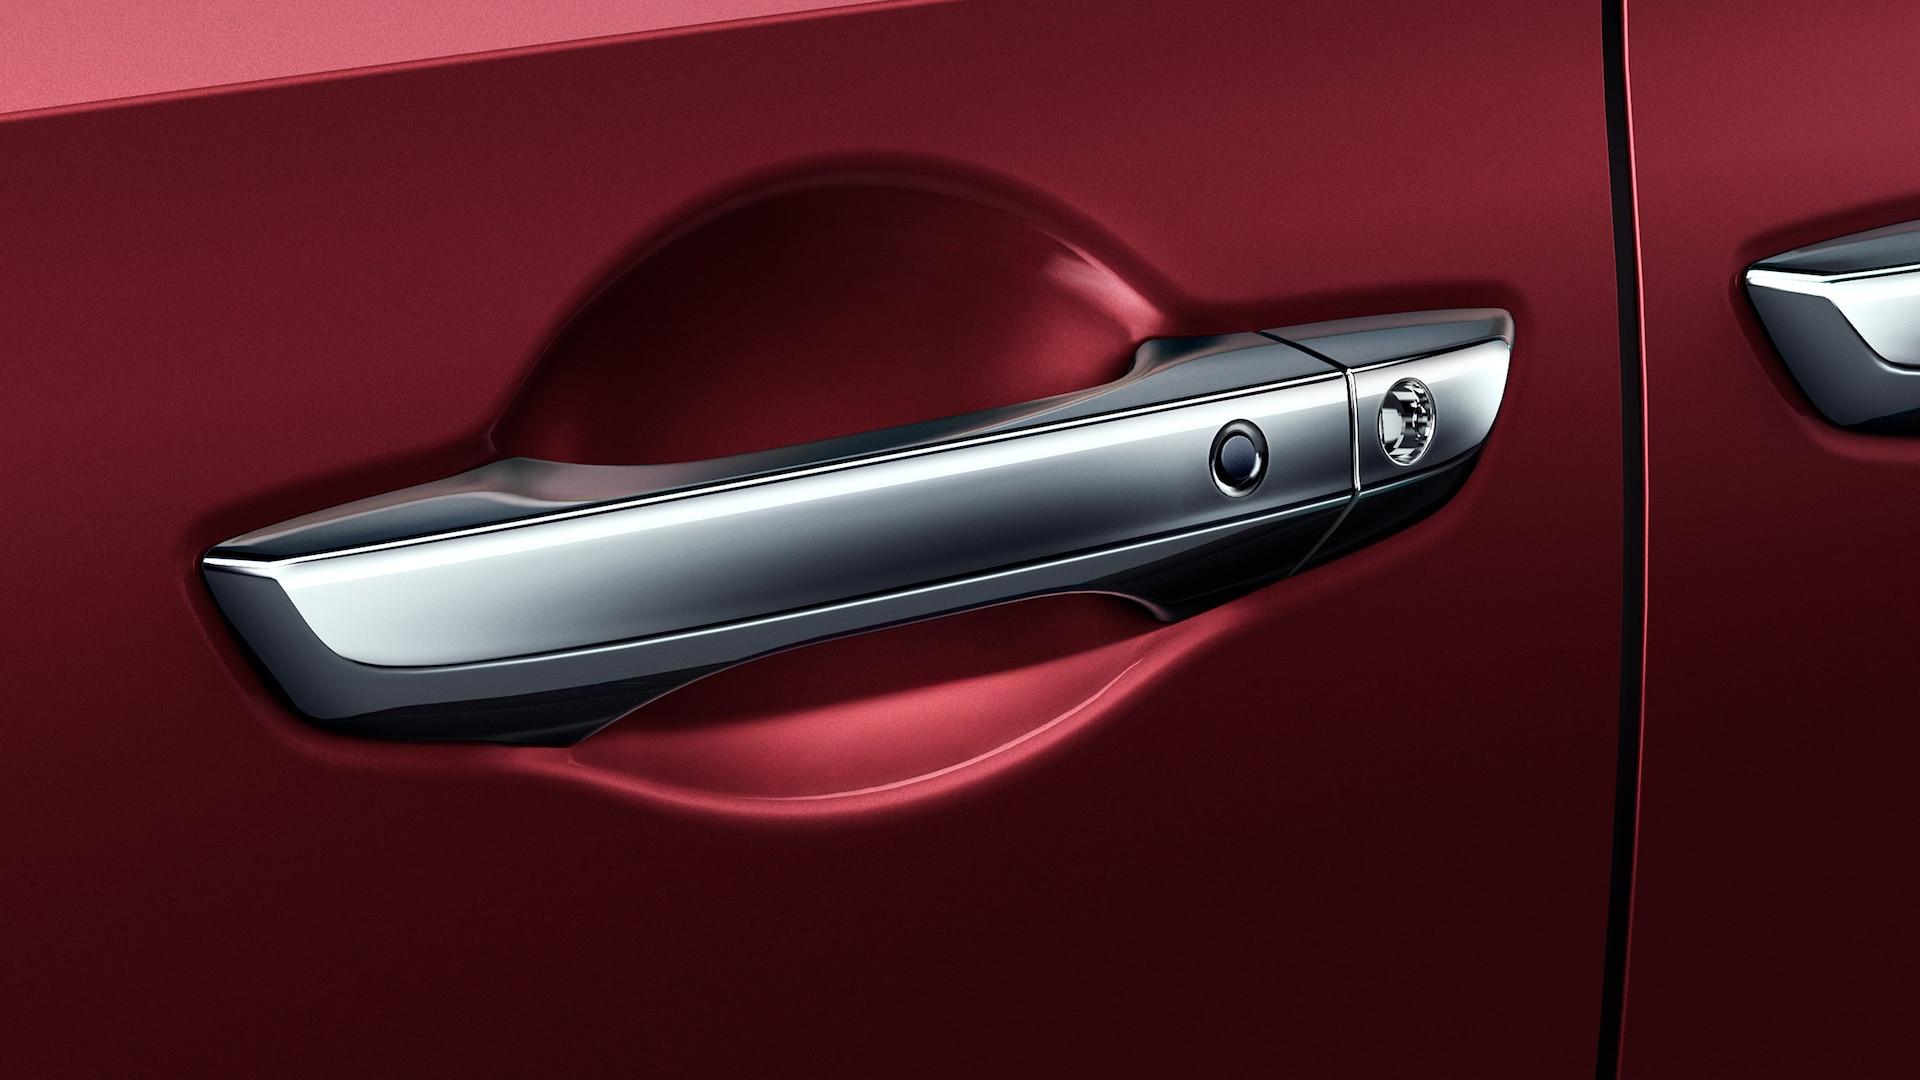 Detalle de la apertura inteligente con Walk Away Auto Lock® en la Honda Odyssey Elite2020 in Deep Scarlet Pearl.